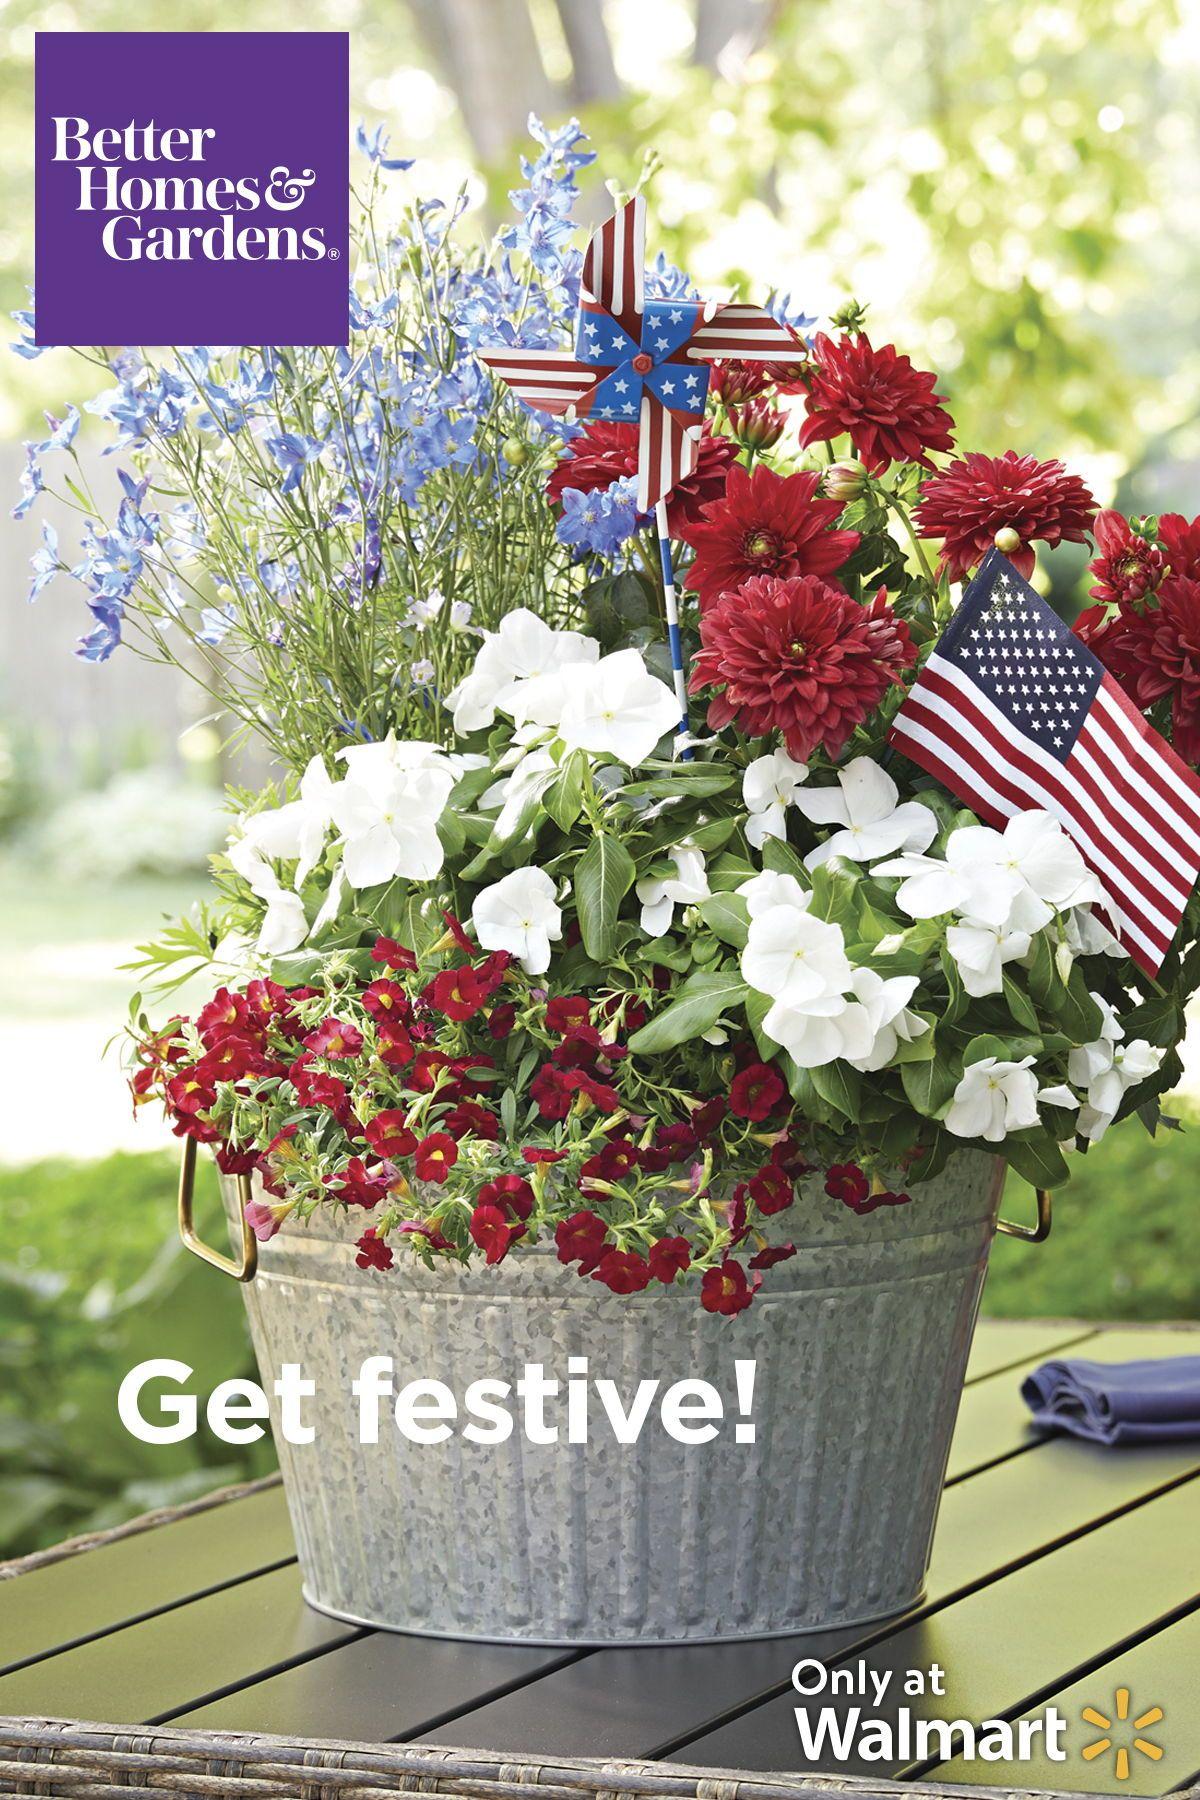 d7fd13a35a444391e74426df8a34c952 - Better Homes And Gardens Flowers Walmart